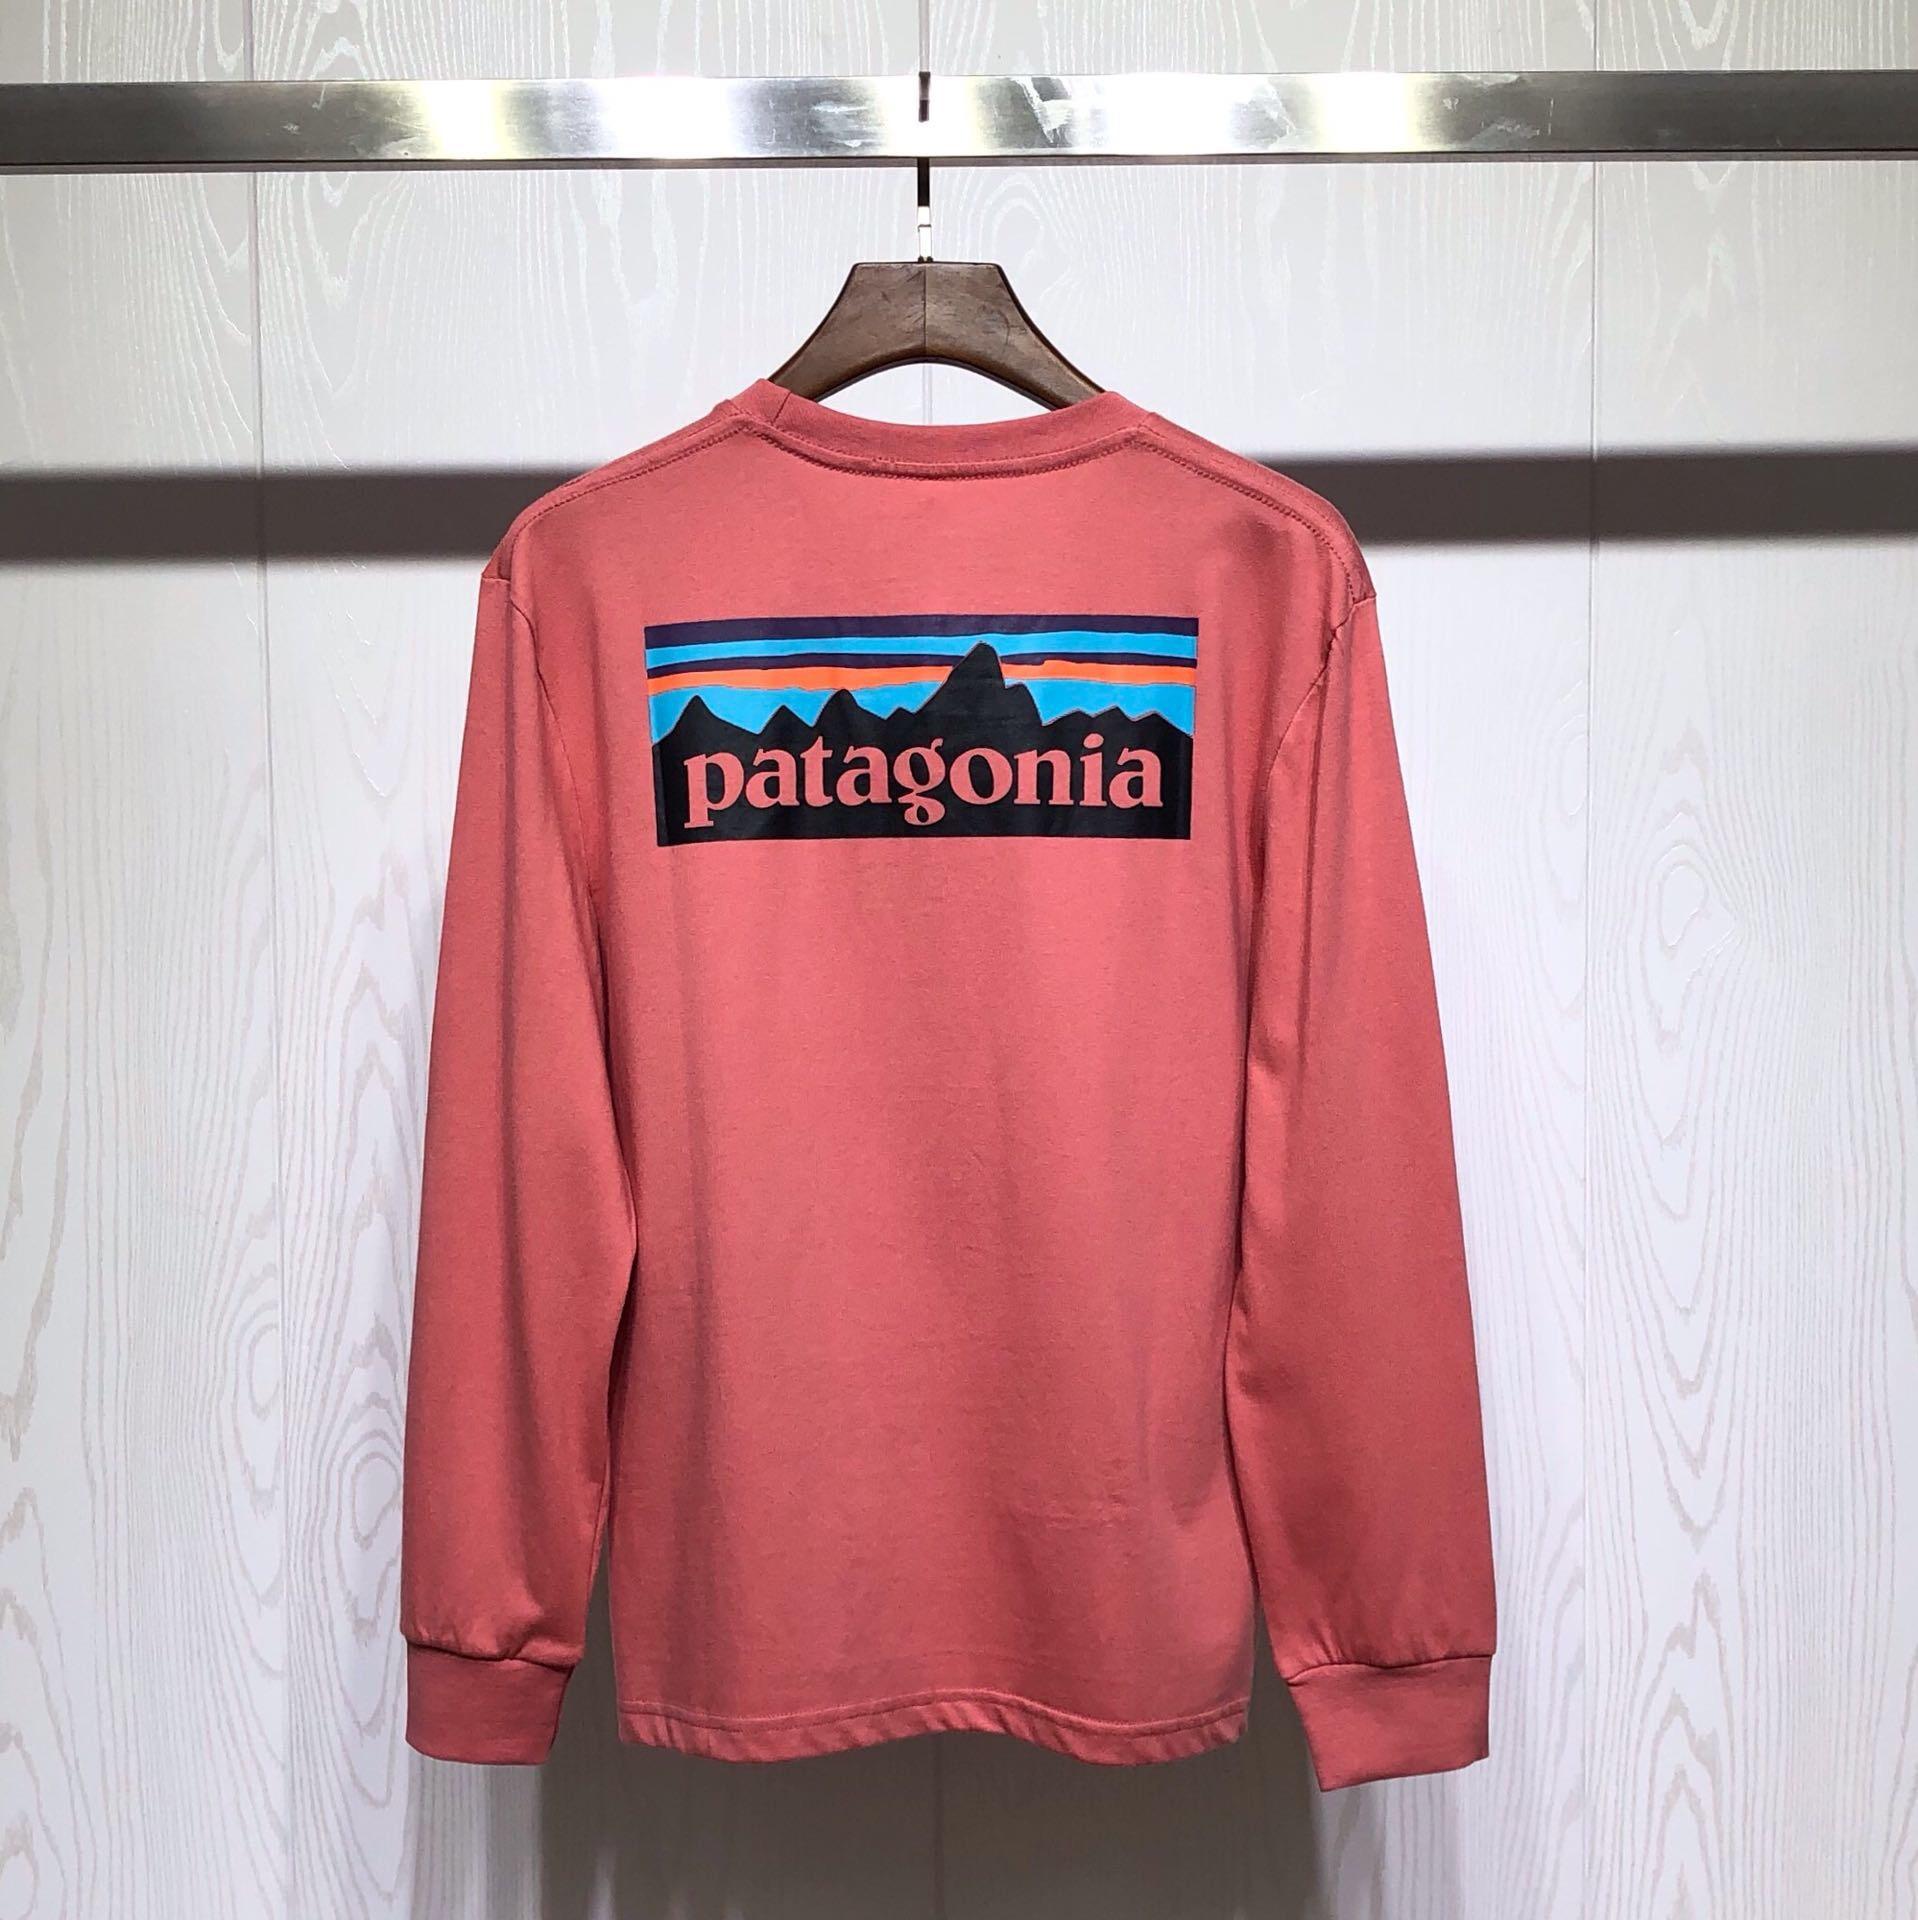 Fashion- الصيف مصمم تي شيرت للرجال بلايز رسالة فاخرة طباعة T قميص رجالي ملابس للسيدات بأكمام طويلة تي شيرت الرجال تيز